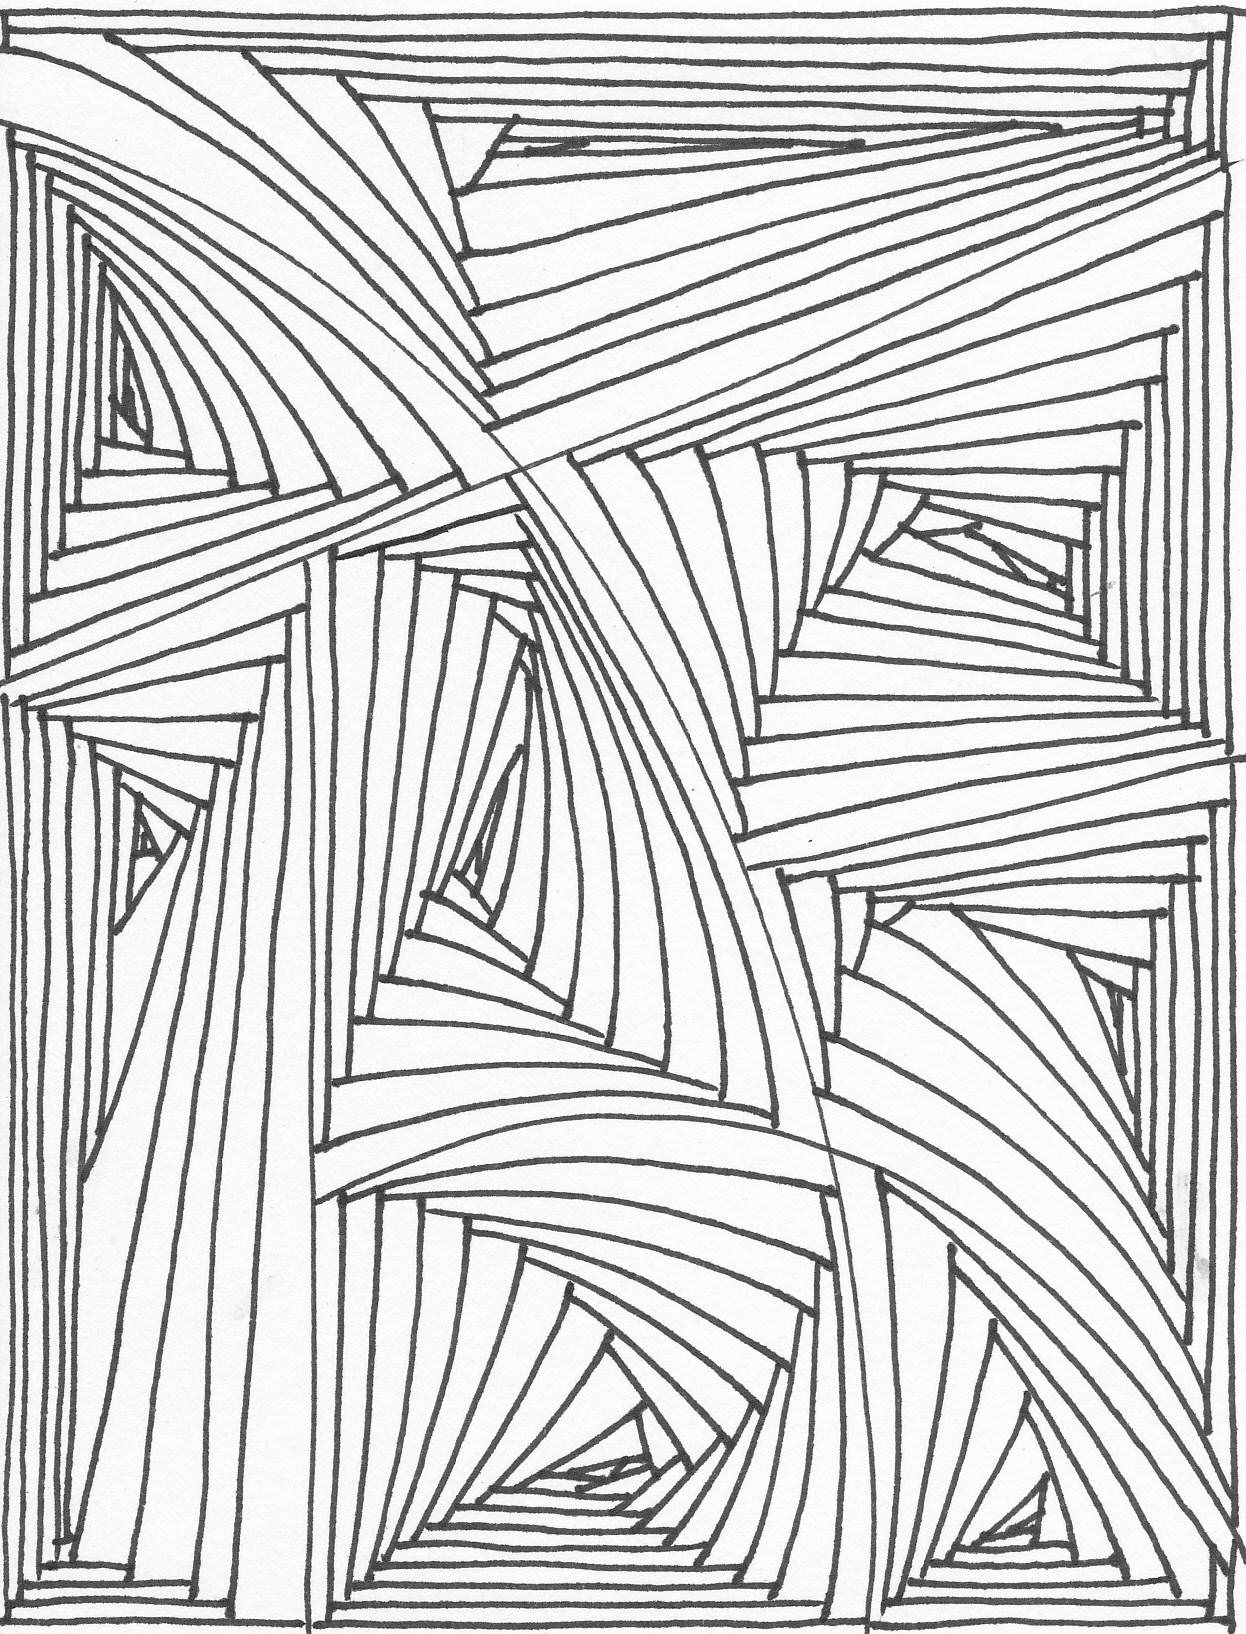 1246x1634 July 2012 The Sketchbook Concern